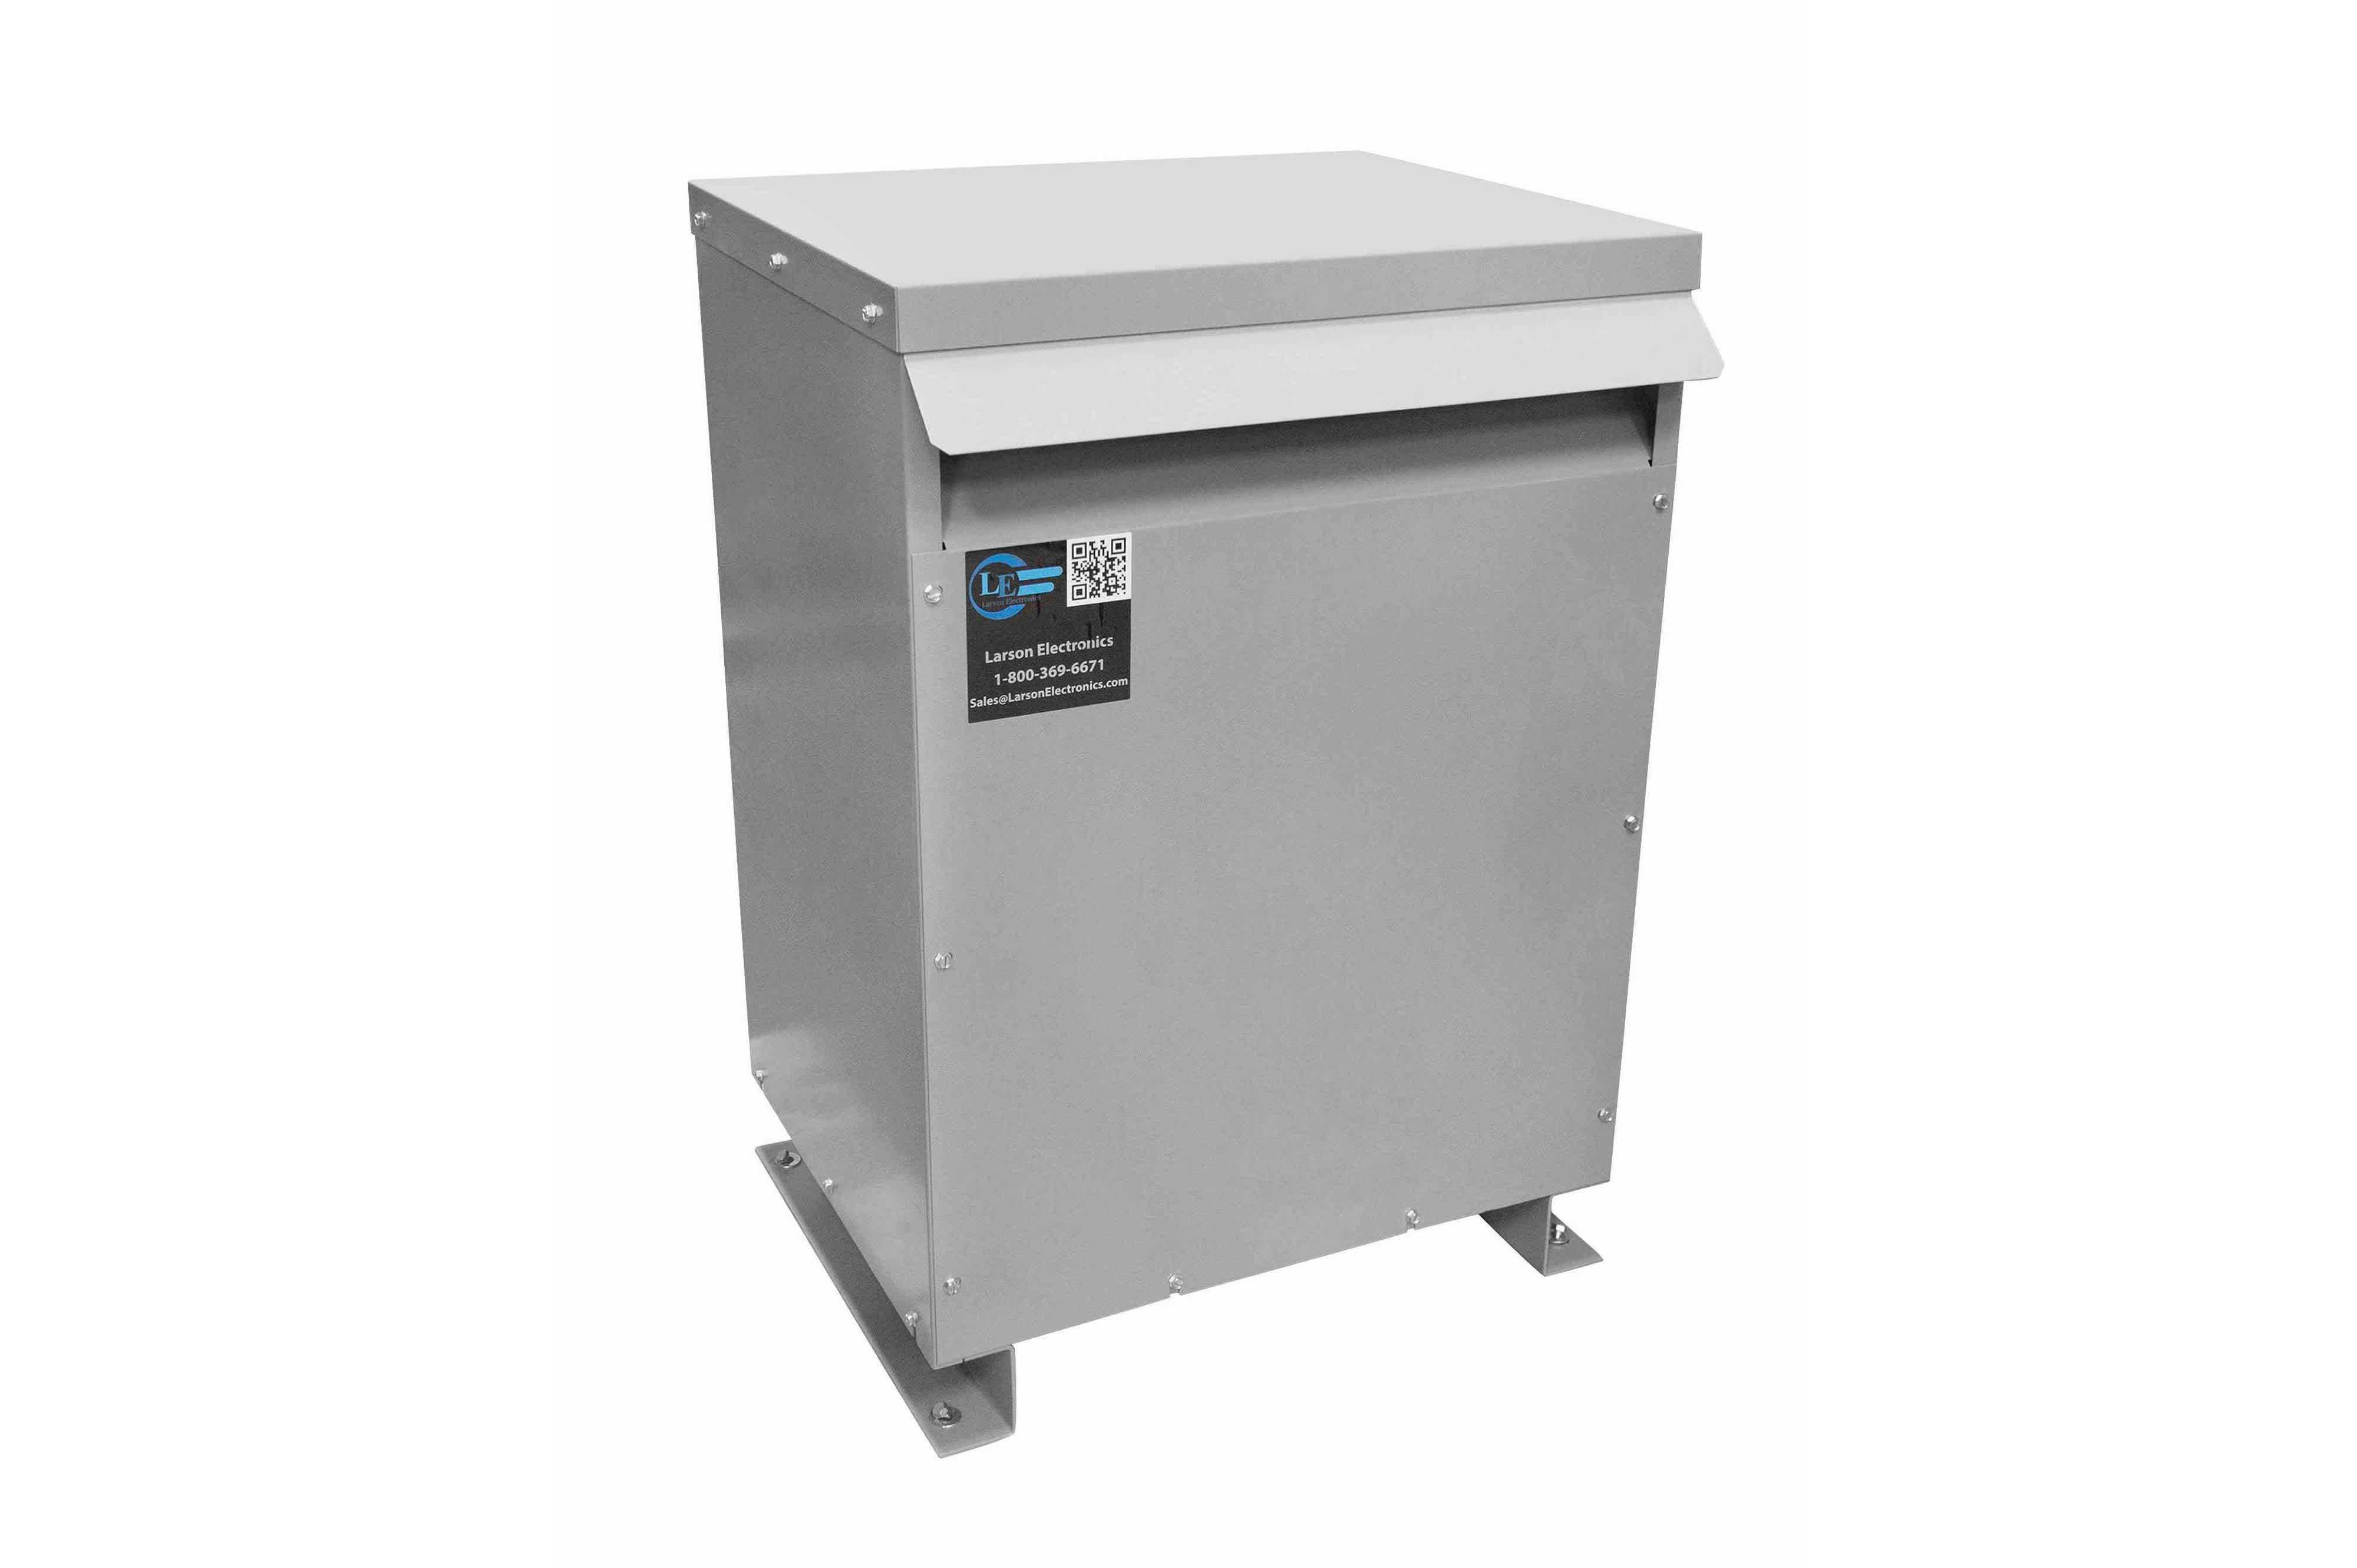 250 kVA 3PH Isolation Transformer, 460V Delta Primary, 575V Delta Secondary, N3R, Ventilated, 60 Hz